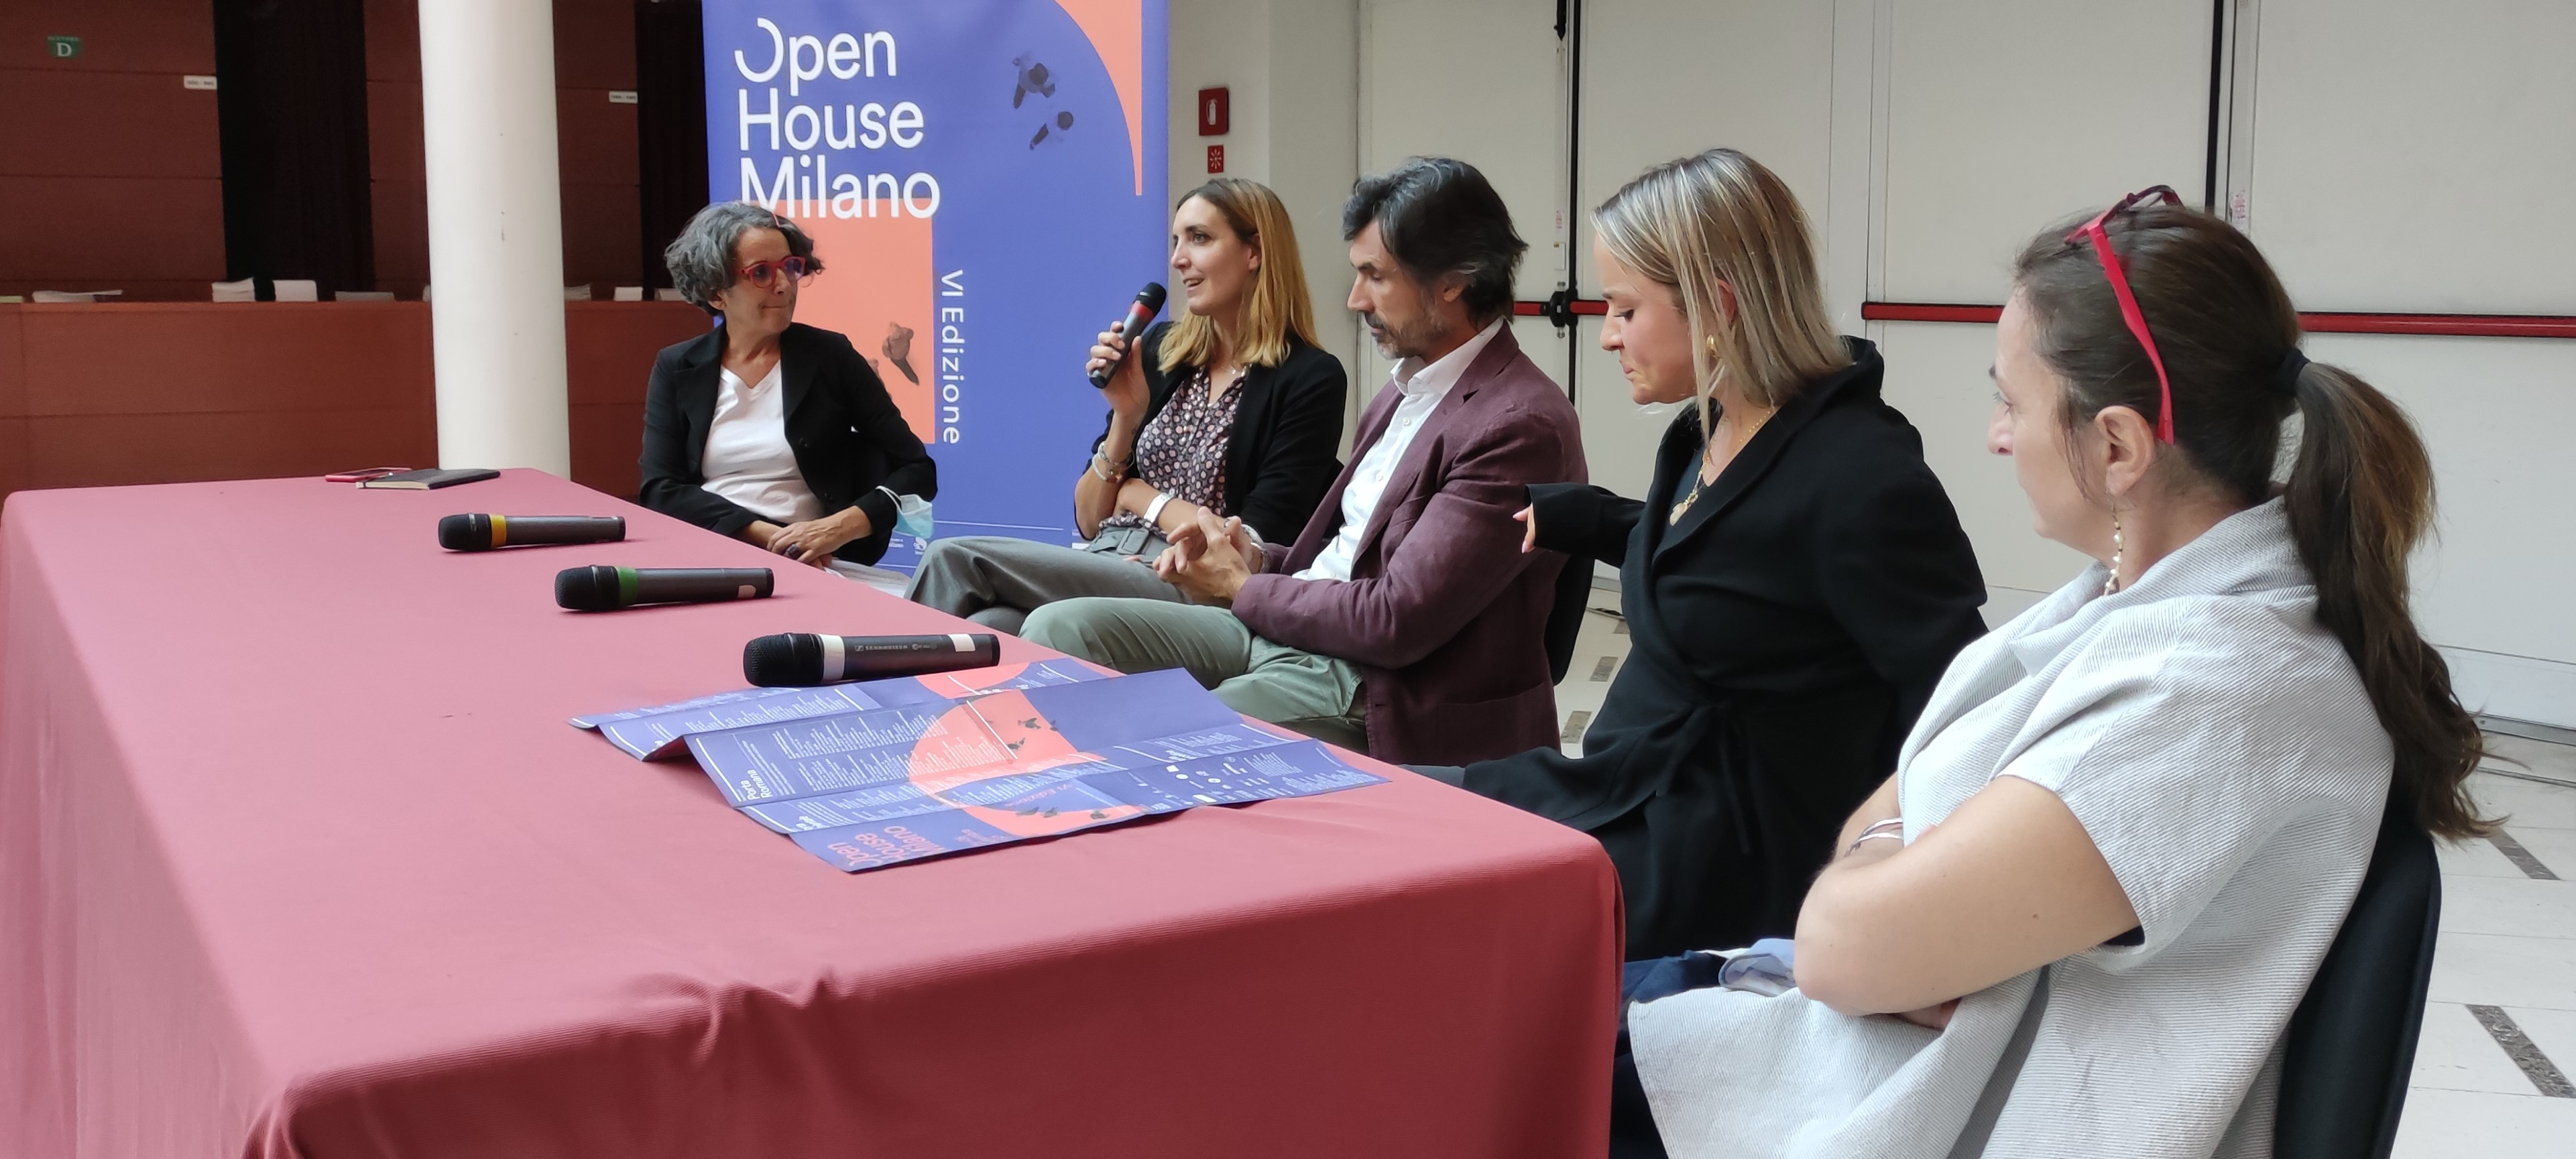 Presentazione dell'Open House Milano